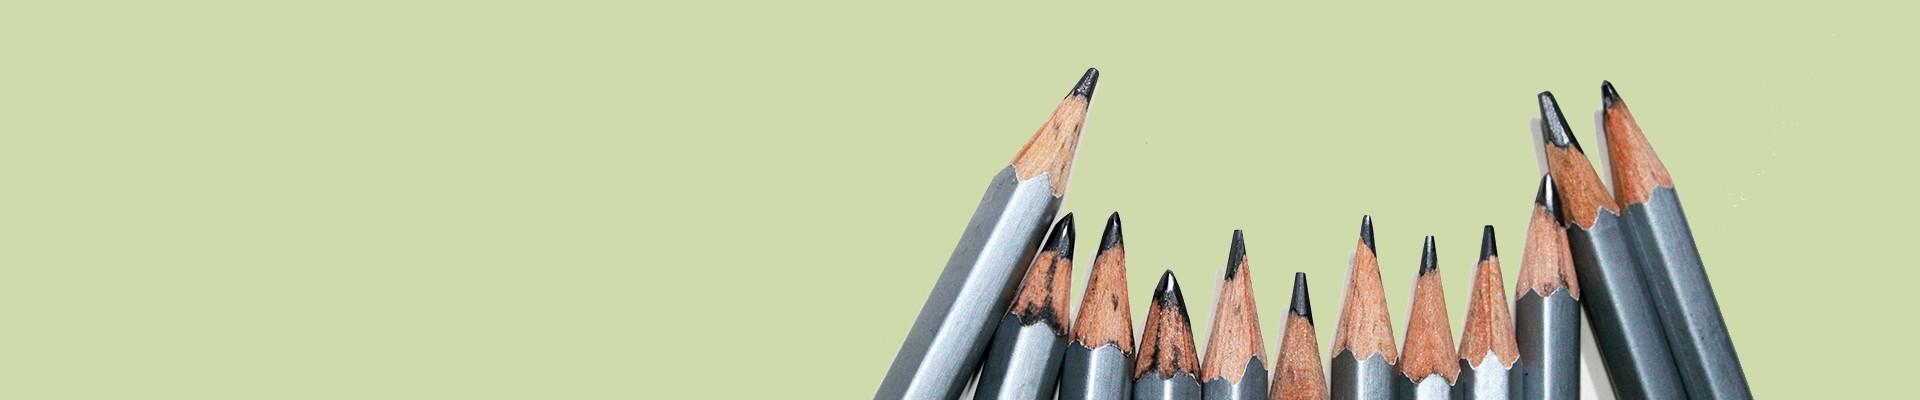 Jual Pensil Berkualitas - Harga Terbaik